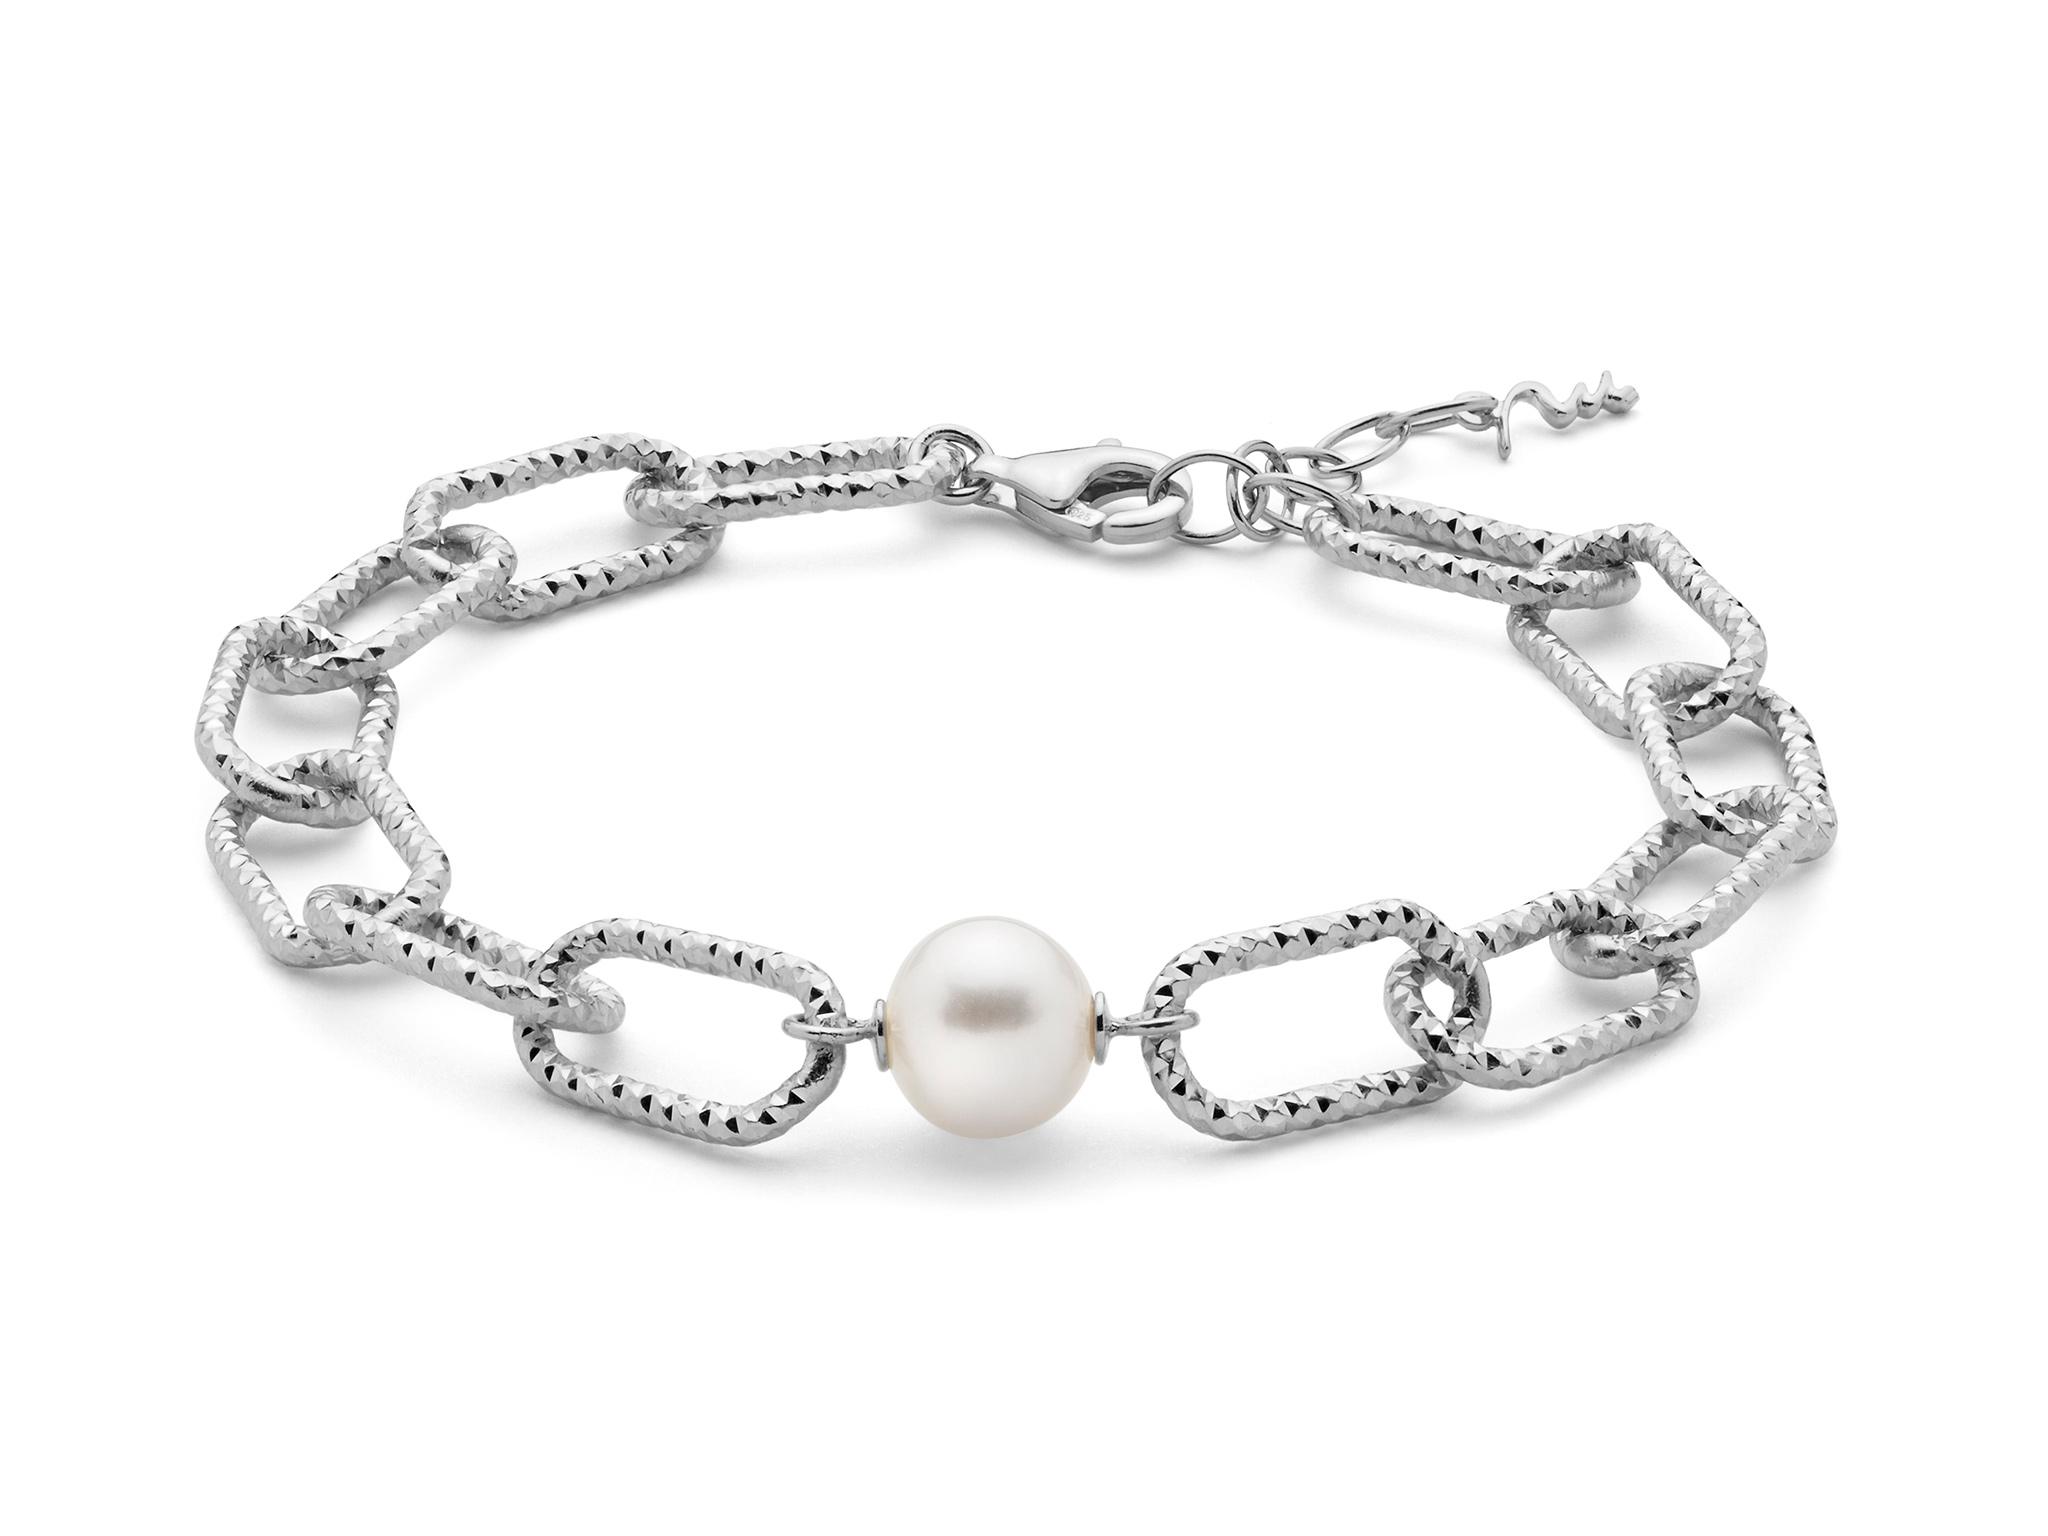 Bracciale con catena a maglia grande, in argento con perla. - PBR3203B